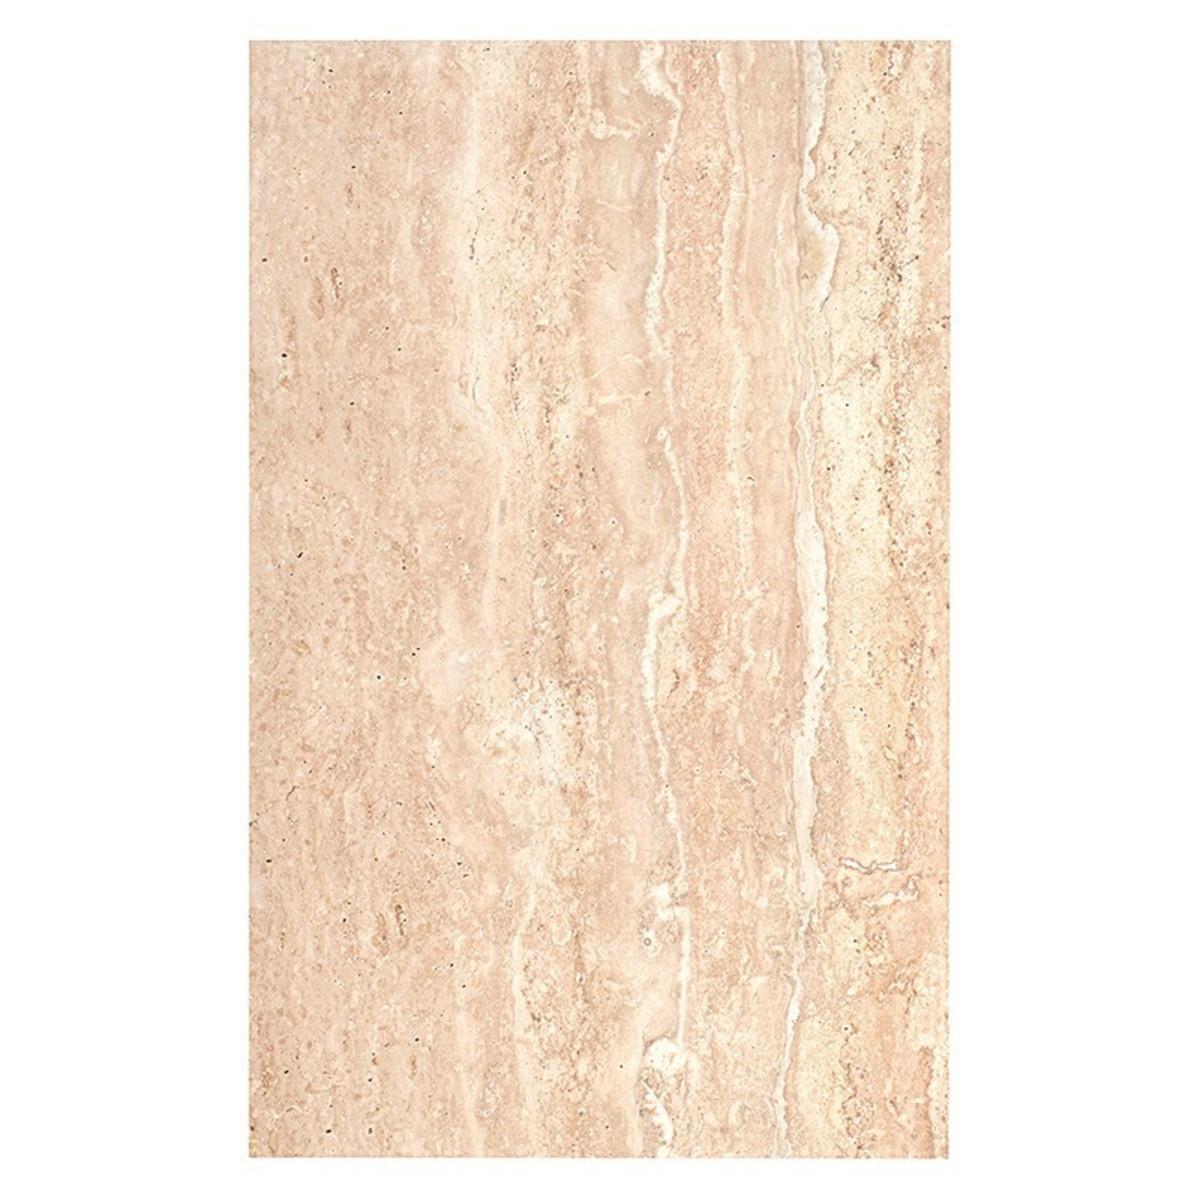 Плитка настенная Efes beige 25x40 см 1.2 м2 цвет бежевый